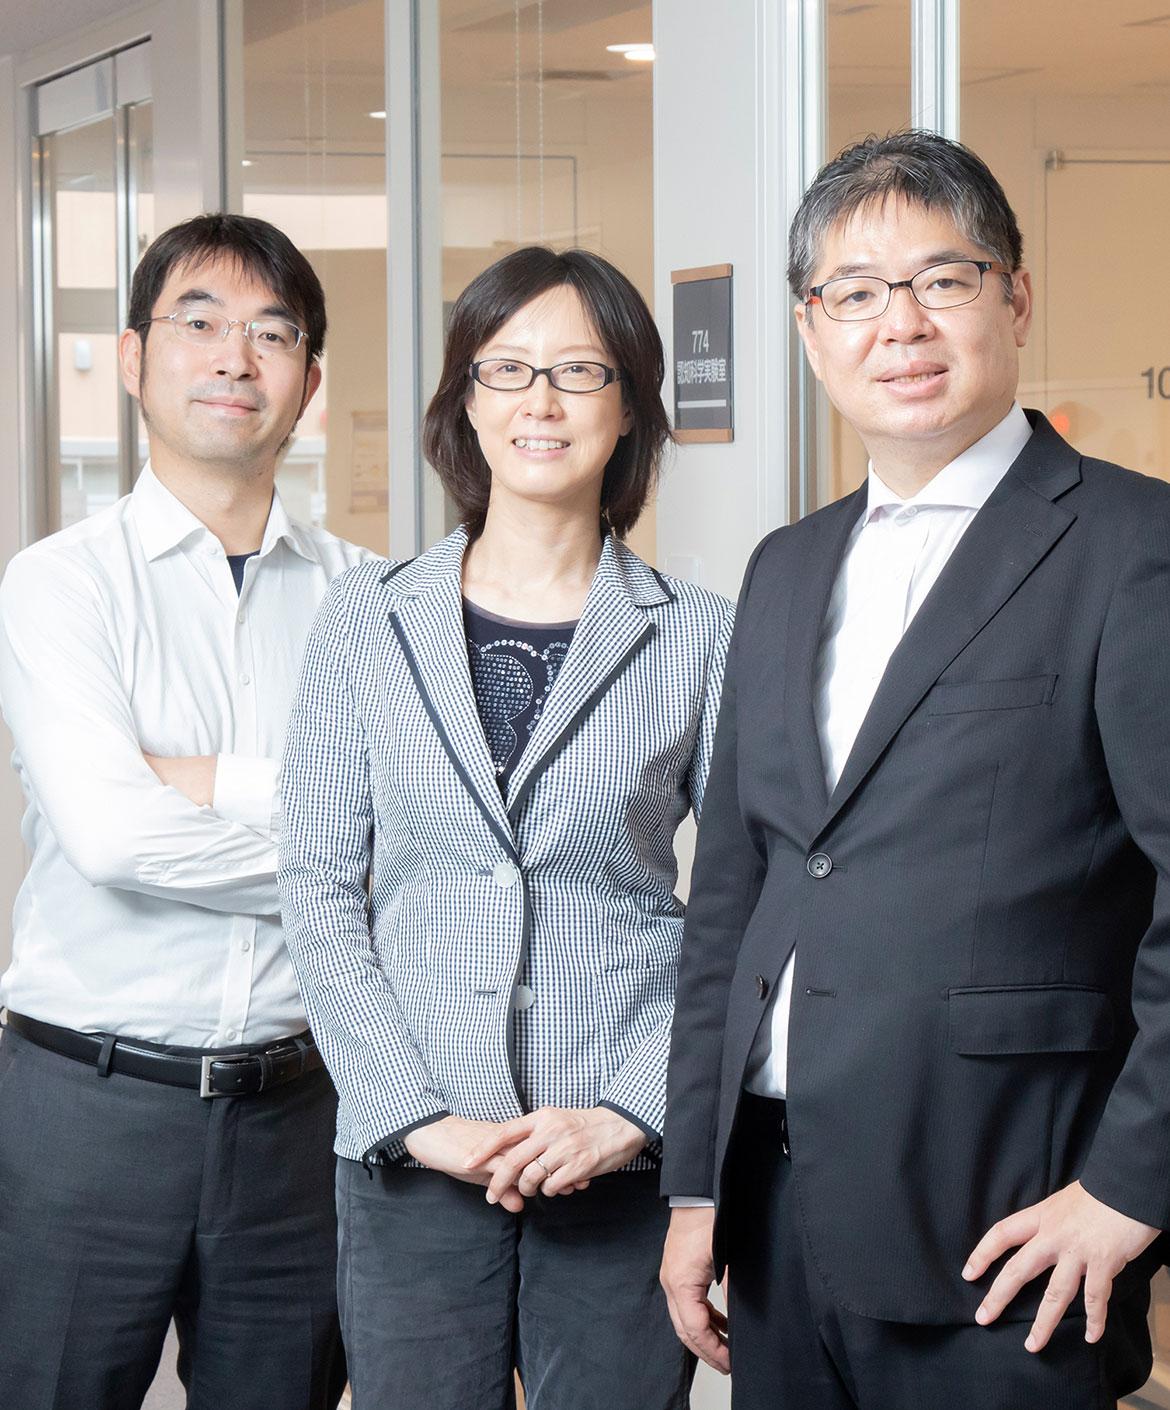 (左から)古徳 純一 教授 / 大江 朋子 教授 / 小川 充洋 准教授